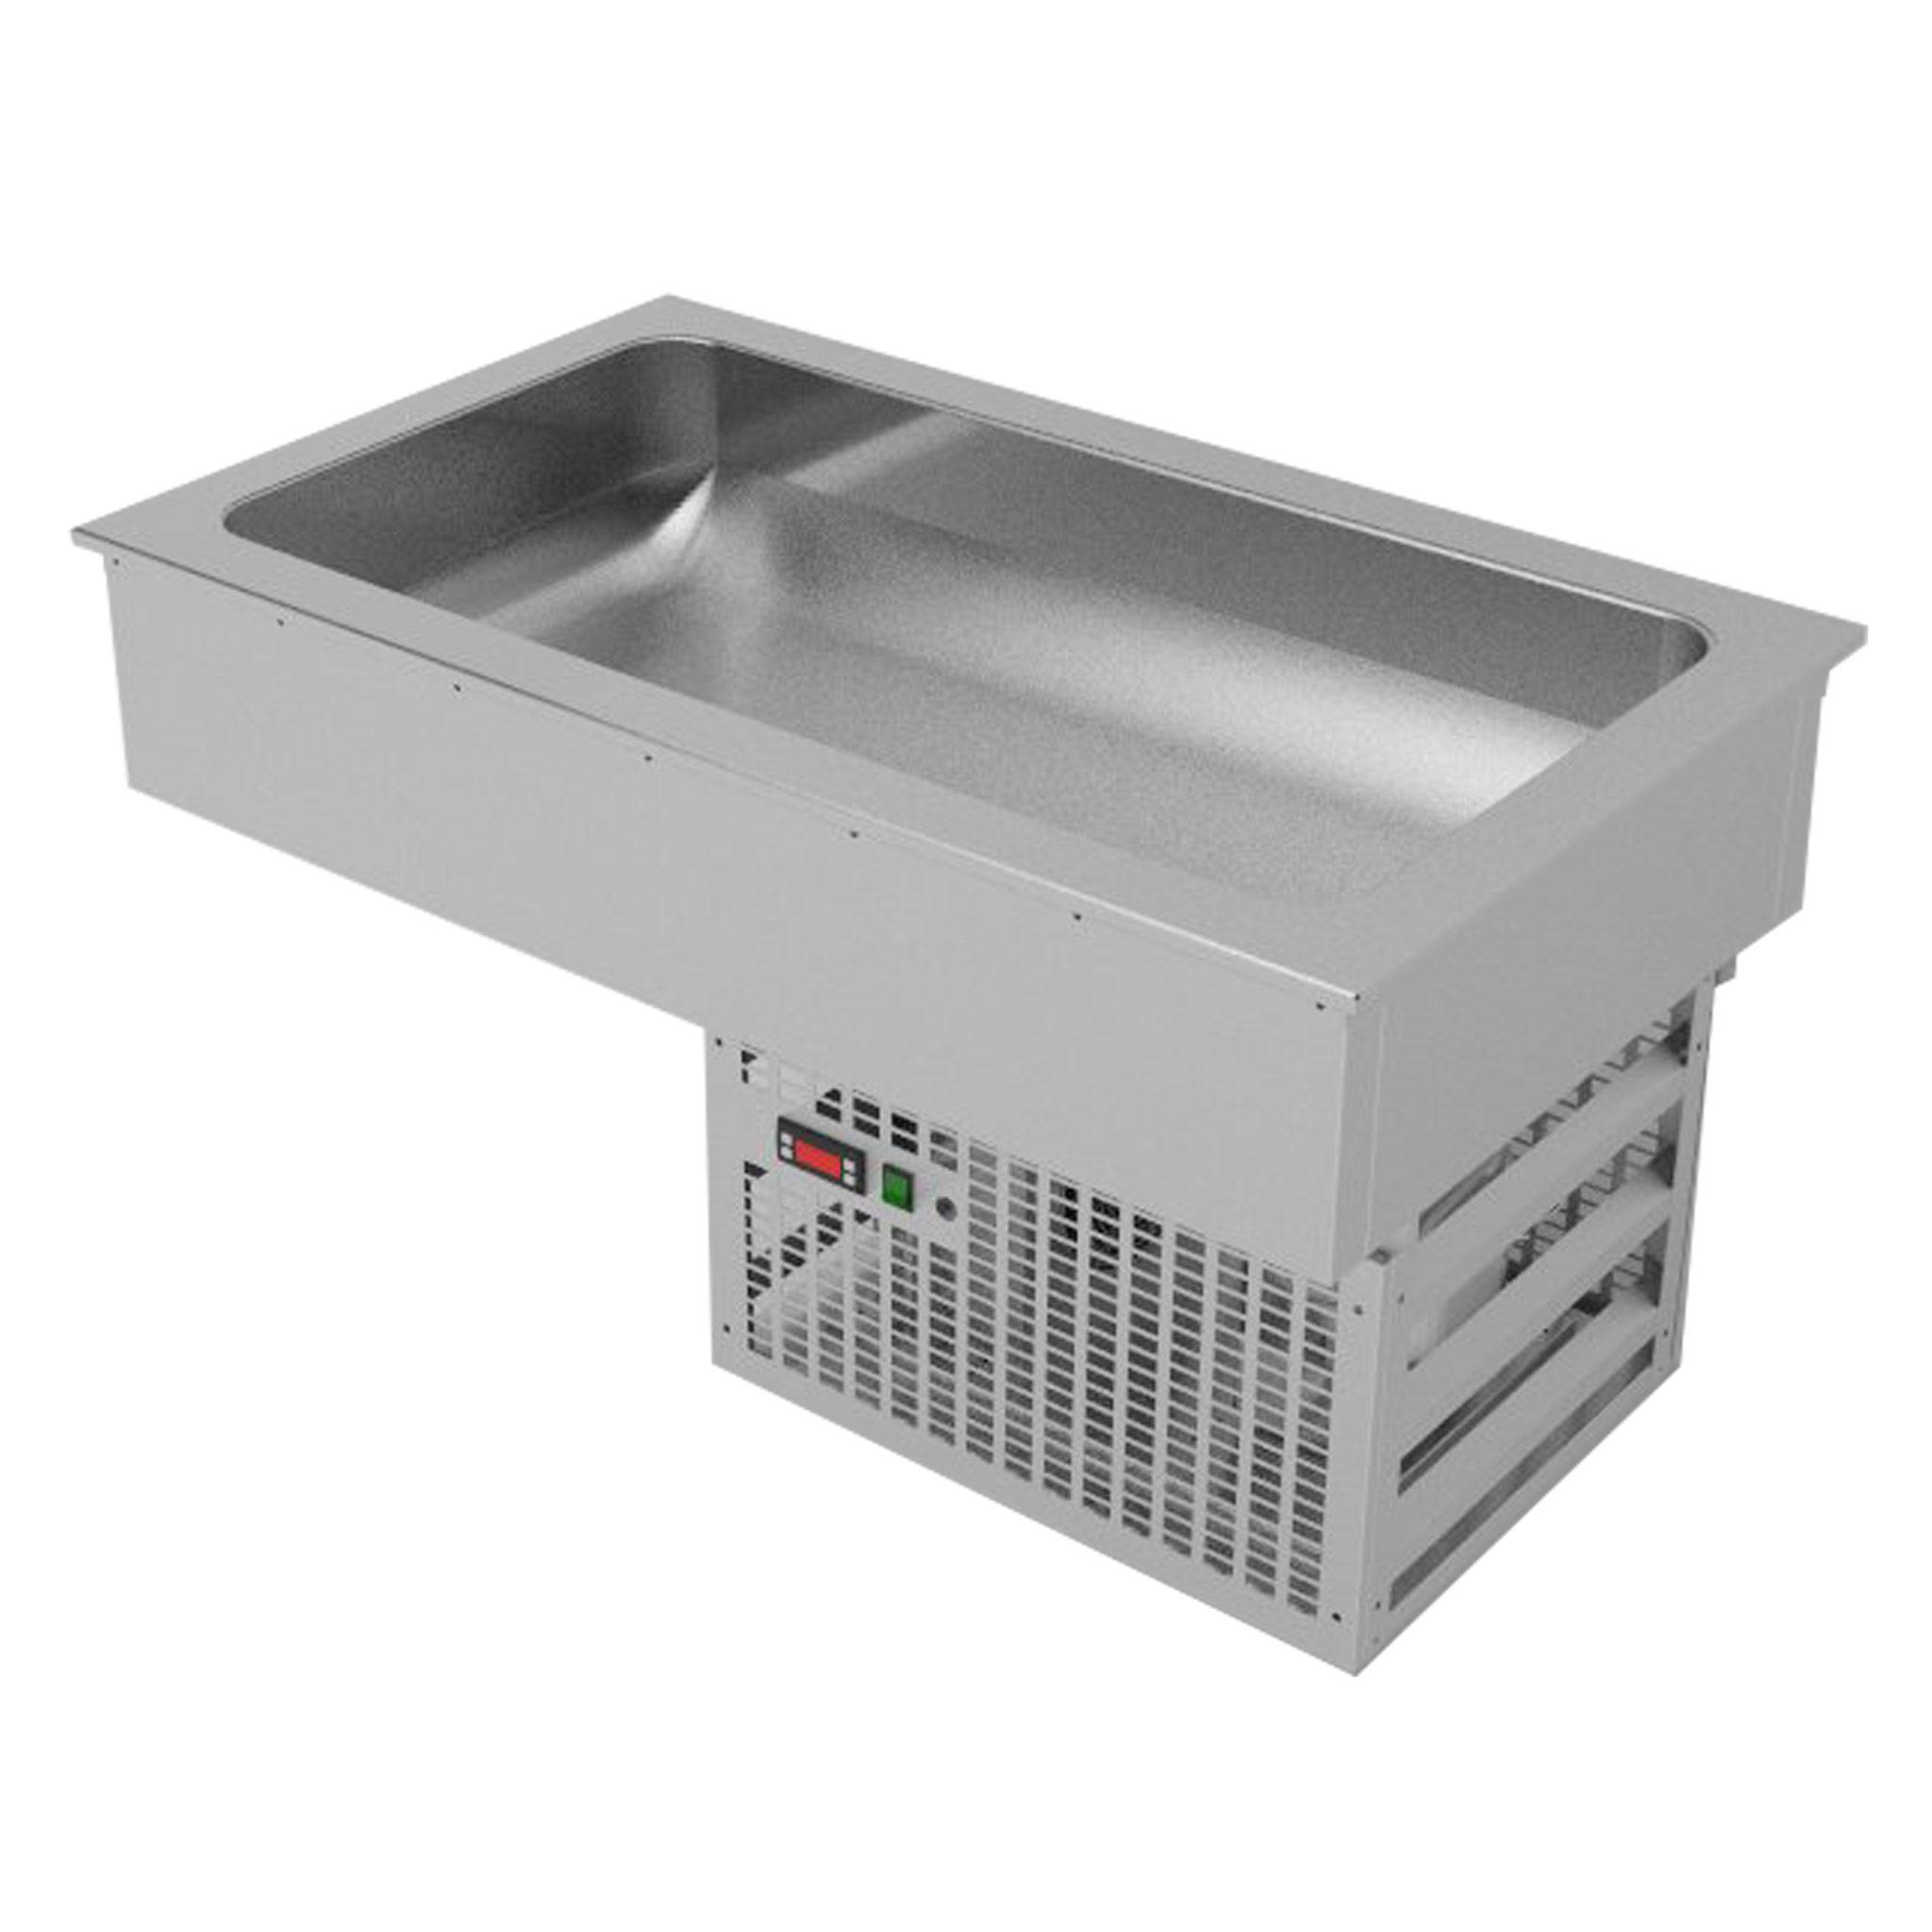 Ванны охлаждаемые для гастроемкостей Premium